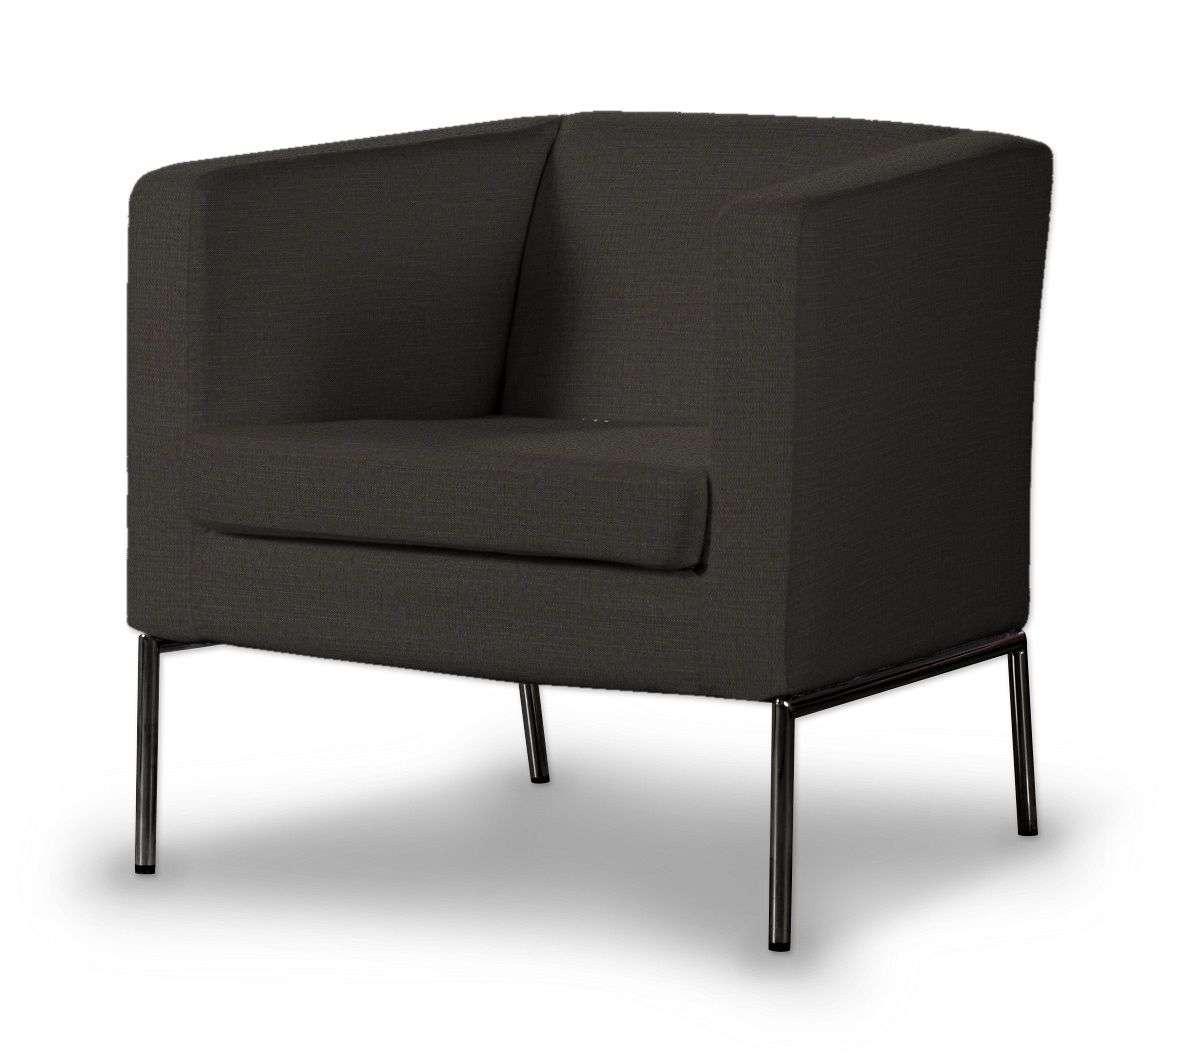 Pokrowiec na fotel Klappsta Fotel Klappsta w kolekcji Vintage, tkanina: 702-36